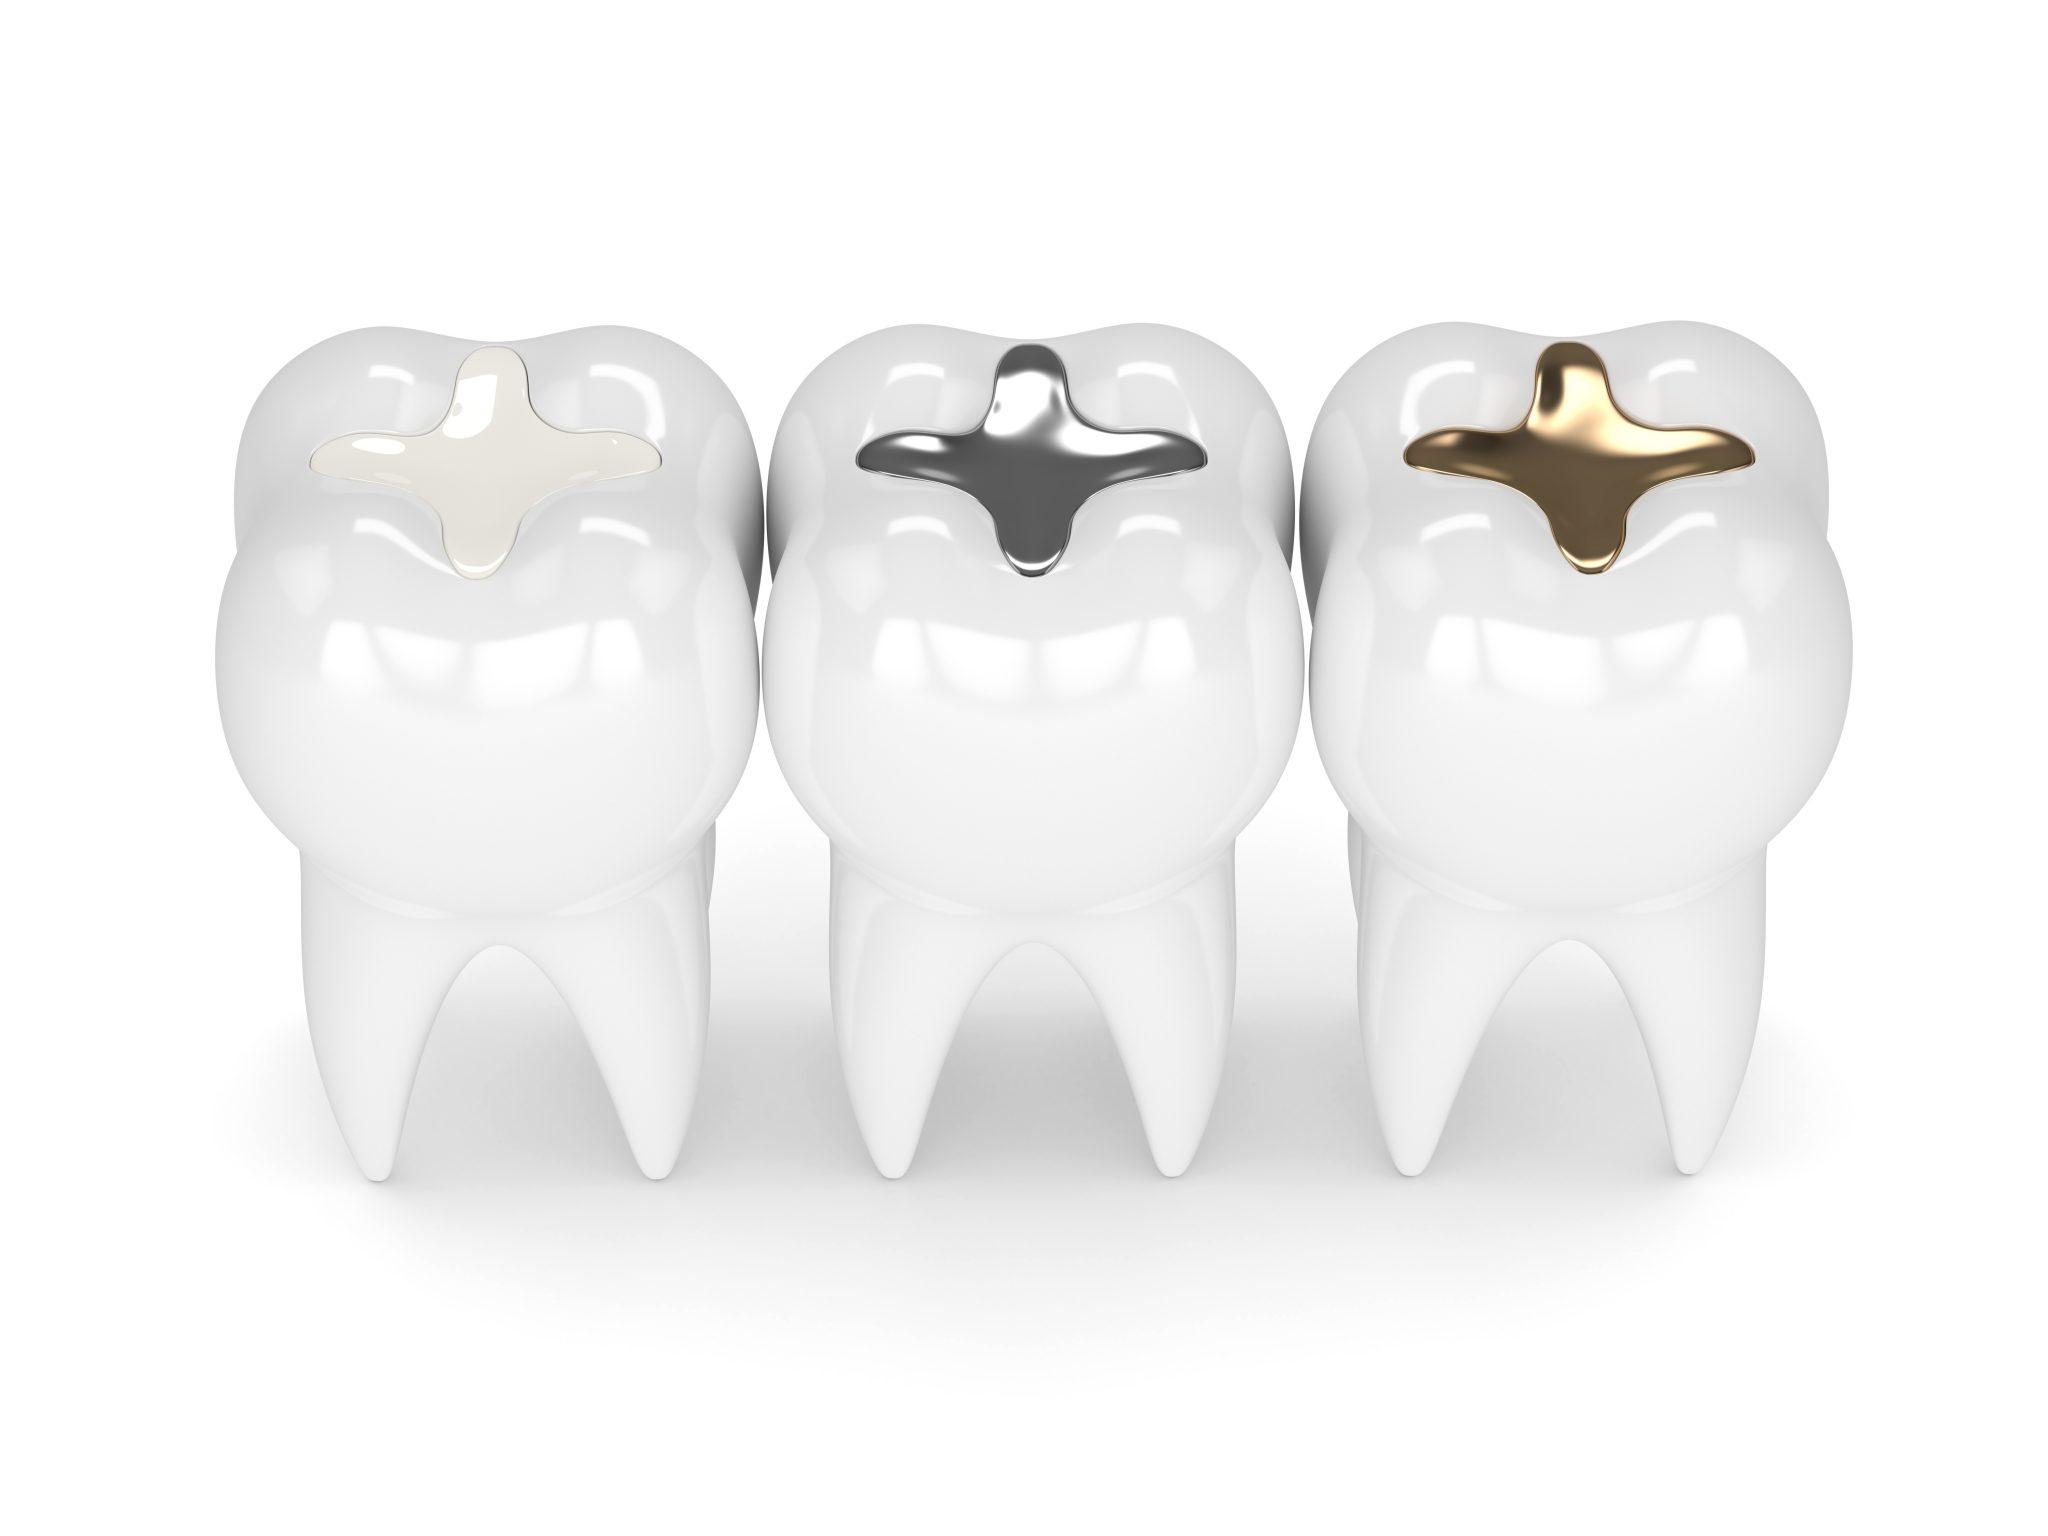 مقایسه ترمیم دندان با استفاده از کامپوزیت، آمالگام و طلا (به ترتیب از چپ به راست)